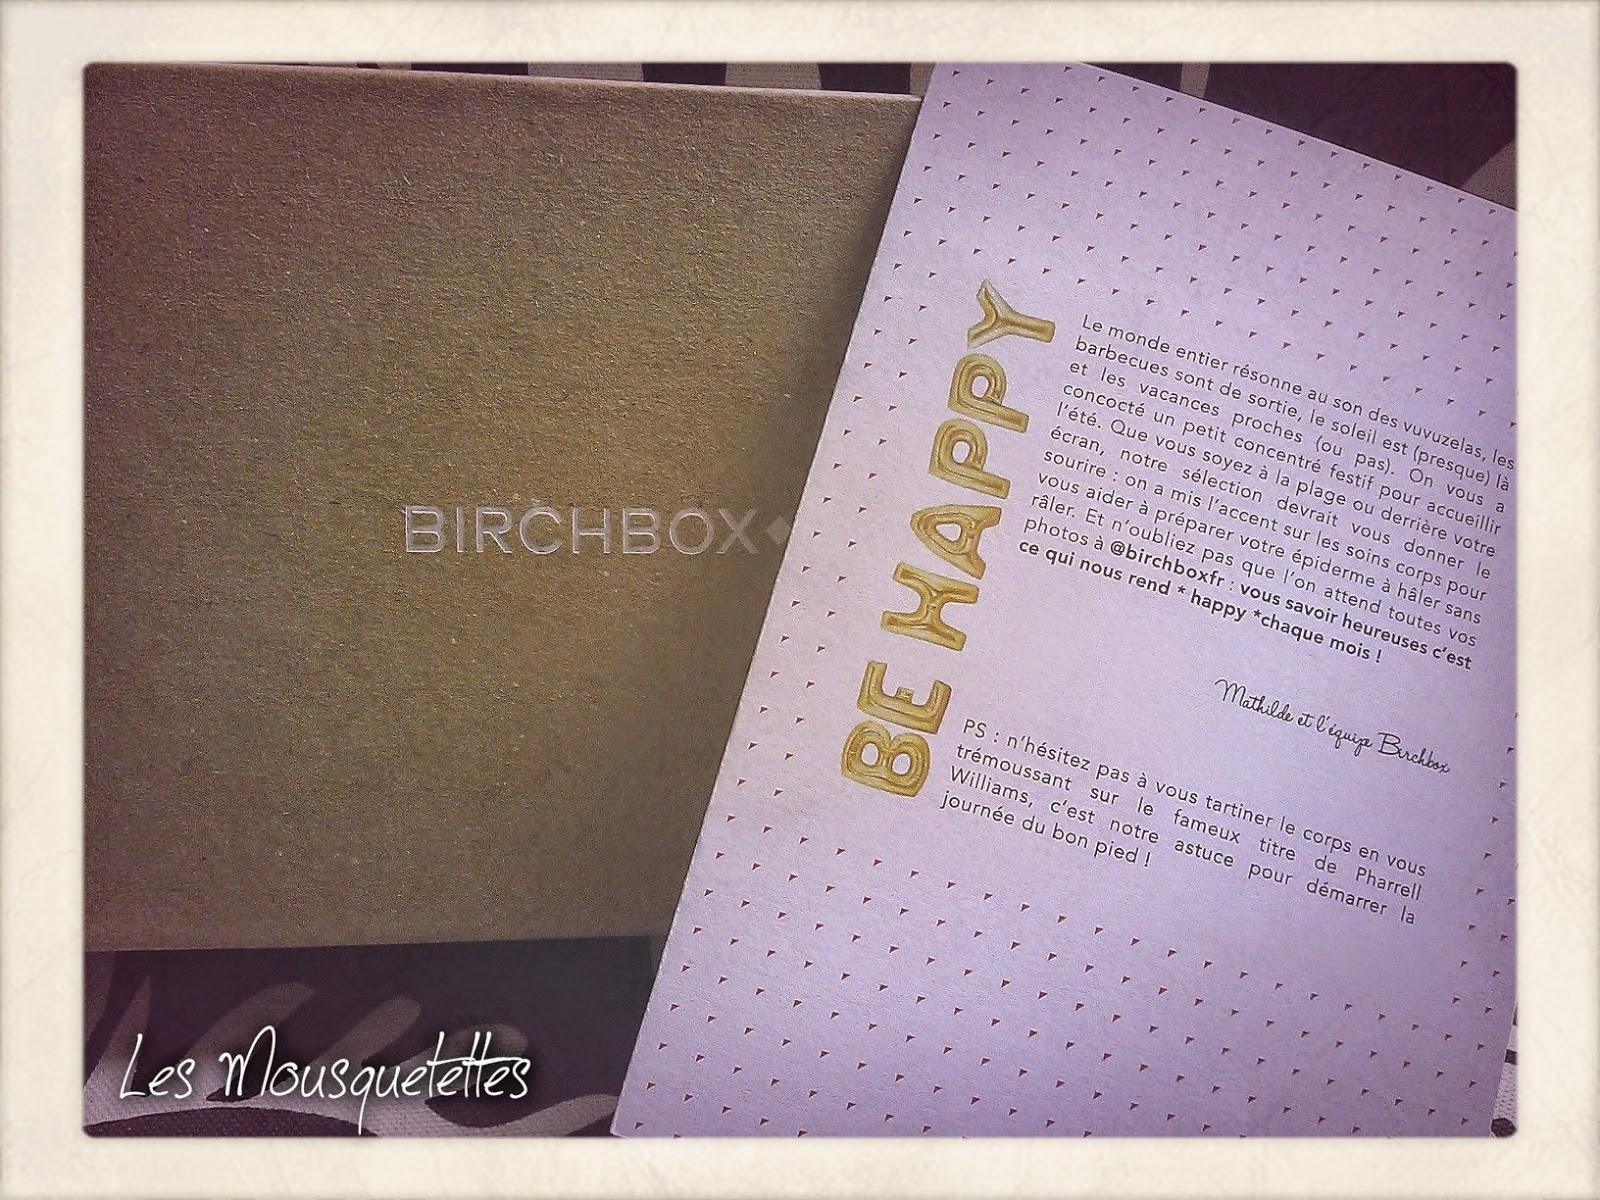 Birchbox Juin 2014 Be Happy - Les Mousquetettes©